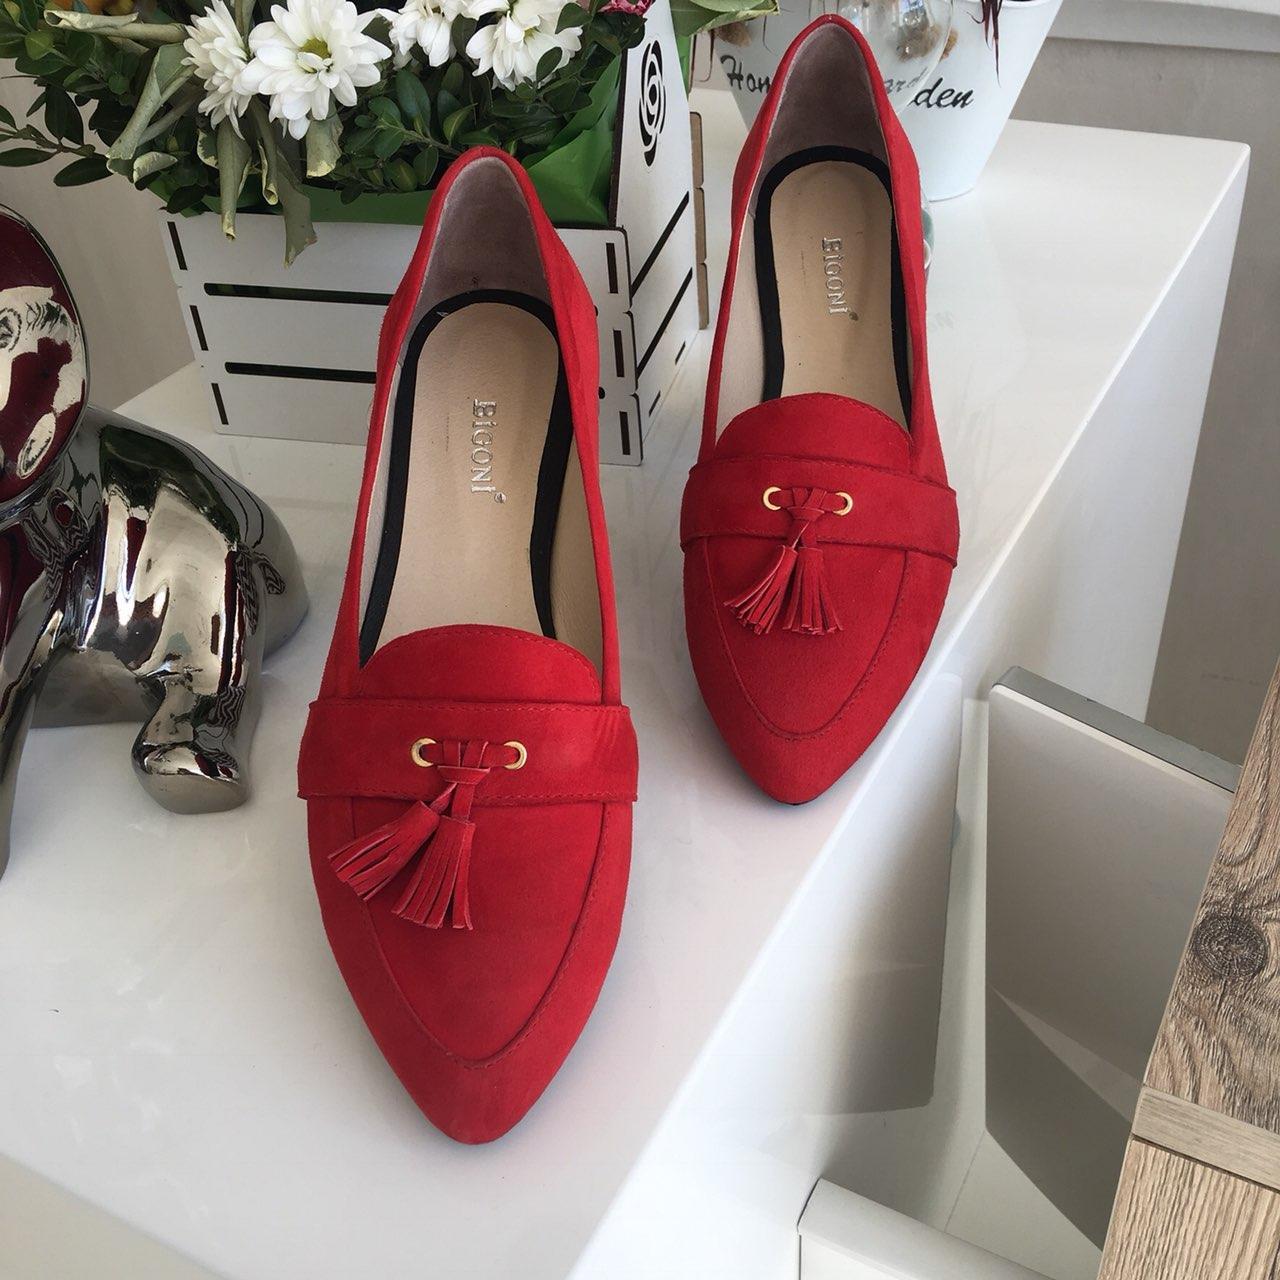 a2cc5c9c1 Красные туфли-балетки на низком ходу из натуральной итальянской замши с  бахромой - ГЛЯНЕЦ